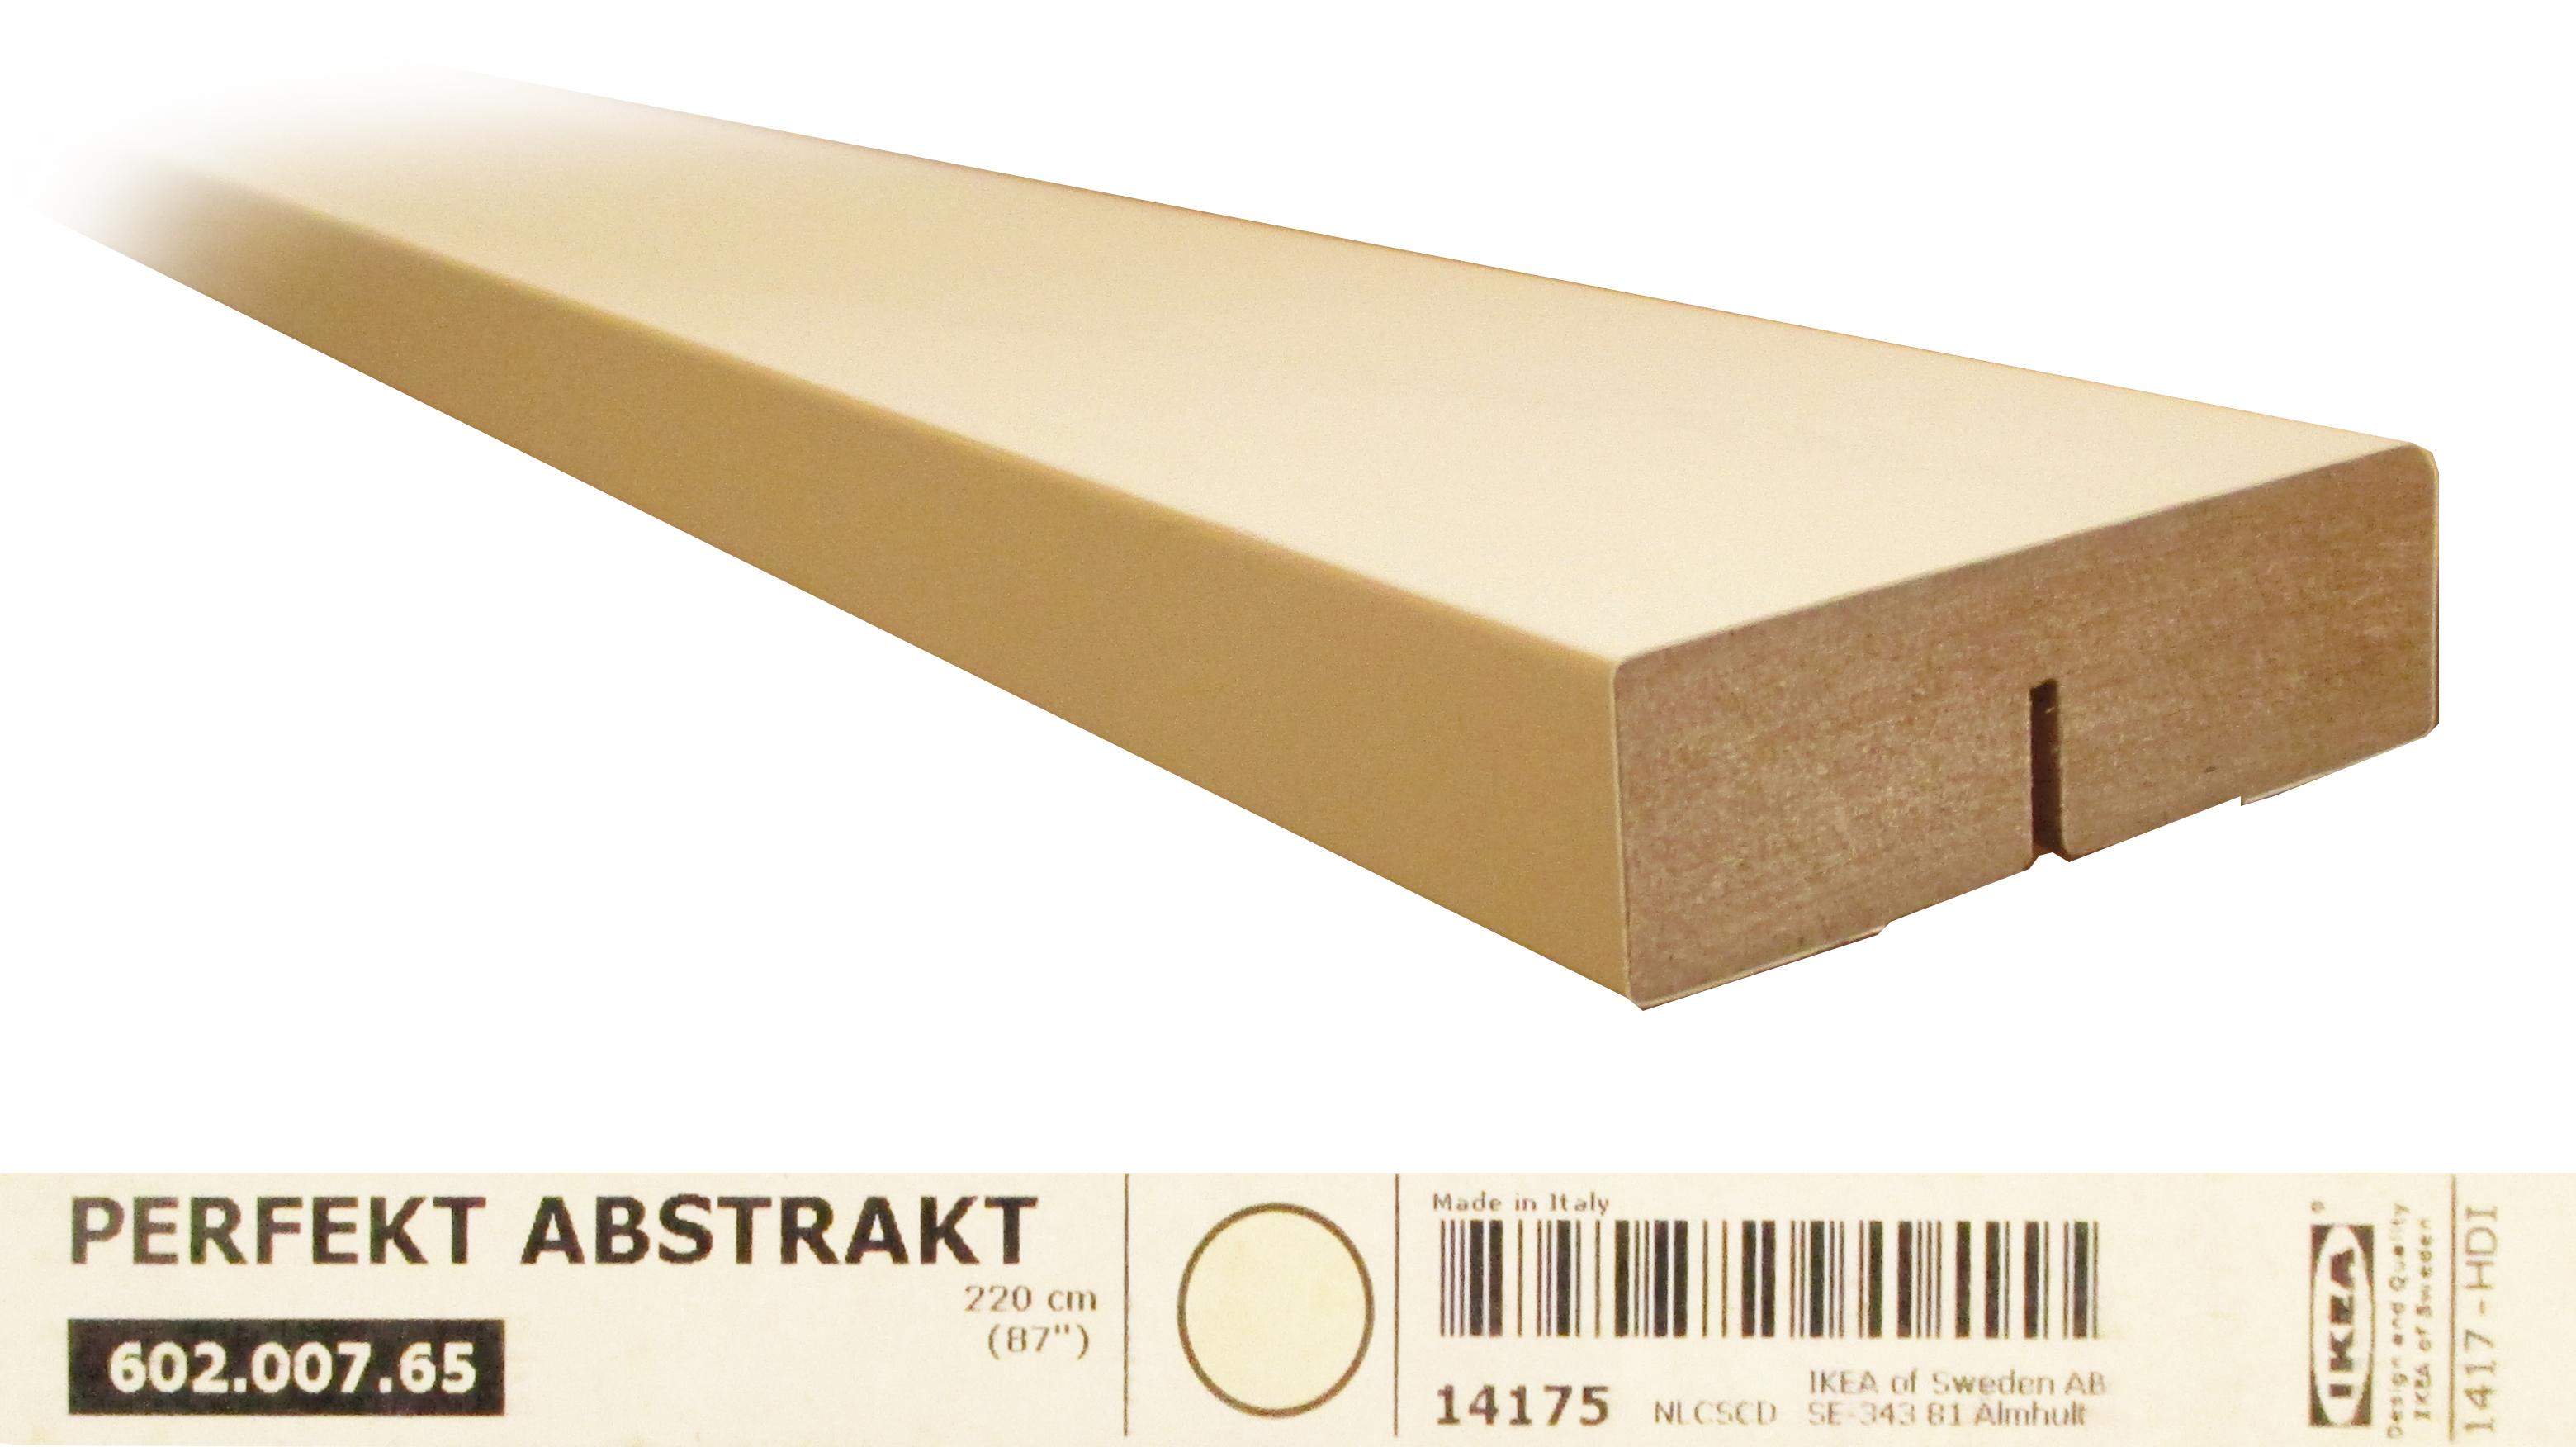 Ikea abstrakt kuchenfronten for Kuchenfronten austauschen gunstig